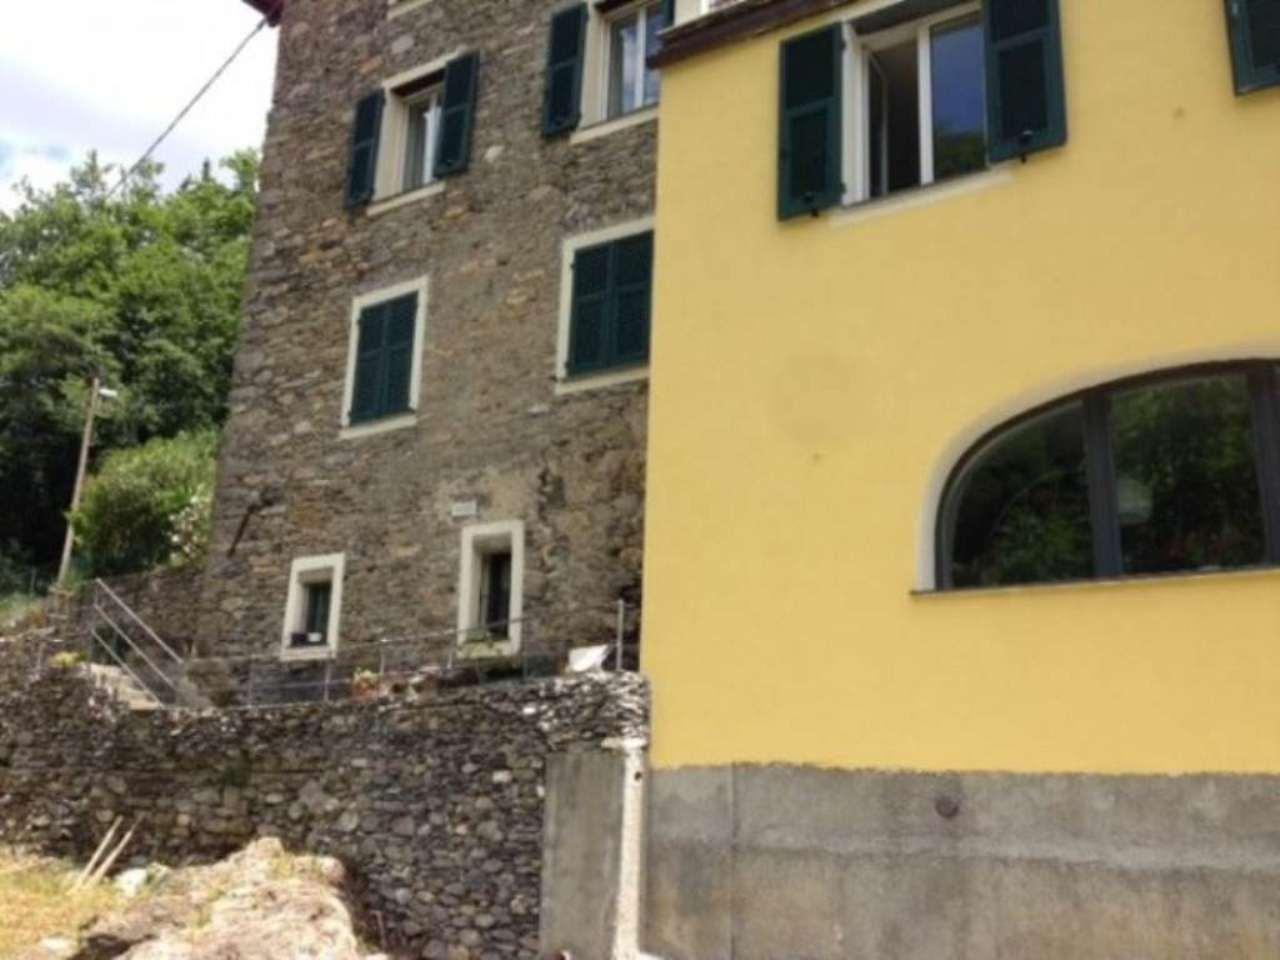 Soluzione Indipendente in vendita a Avegno, 5 locali, prezzo € 165.000 | Cambio Casa.it